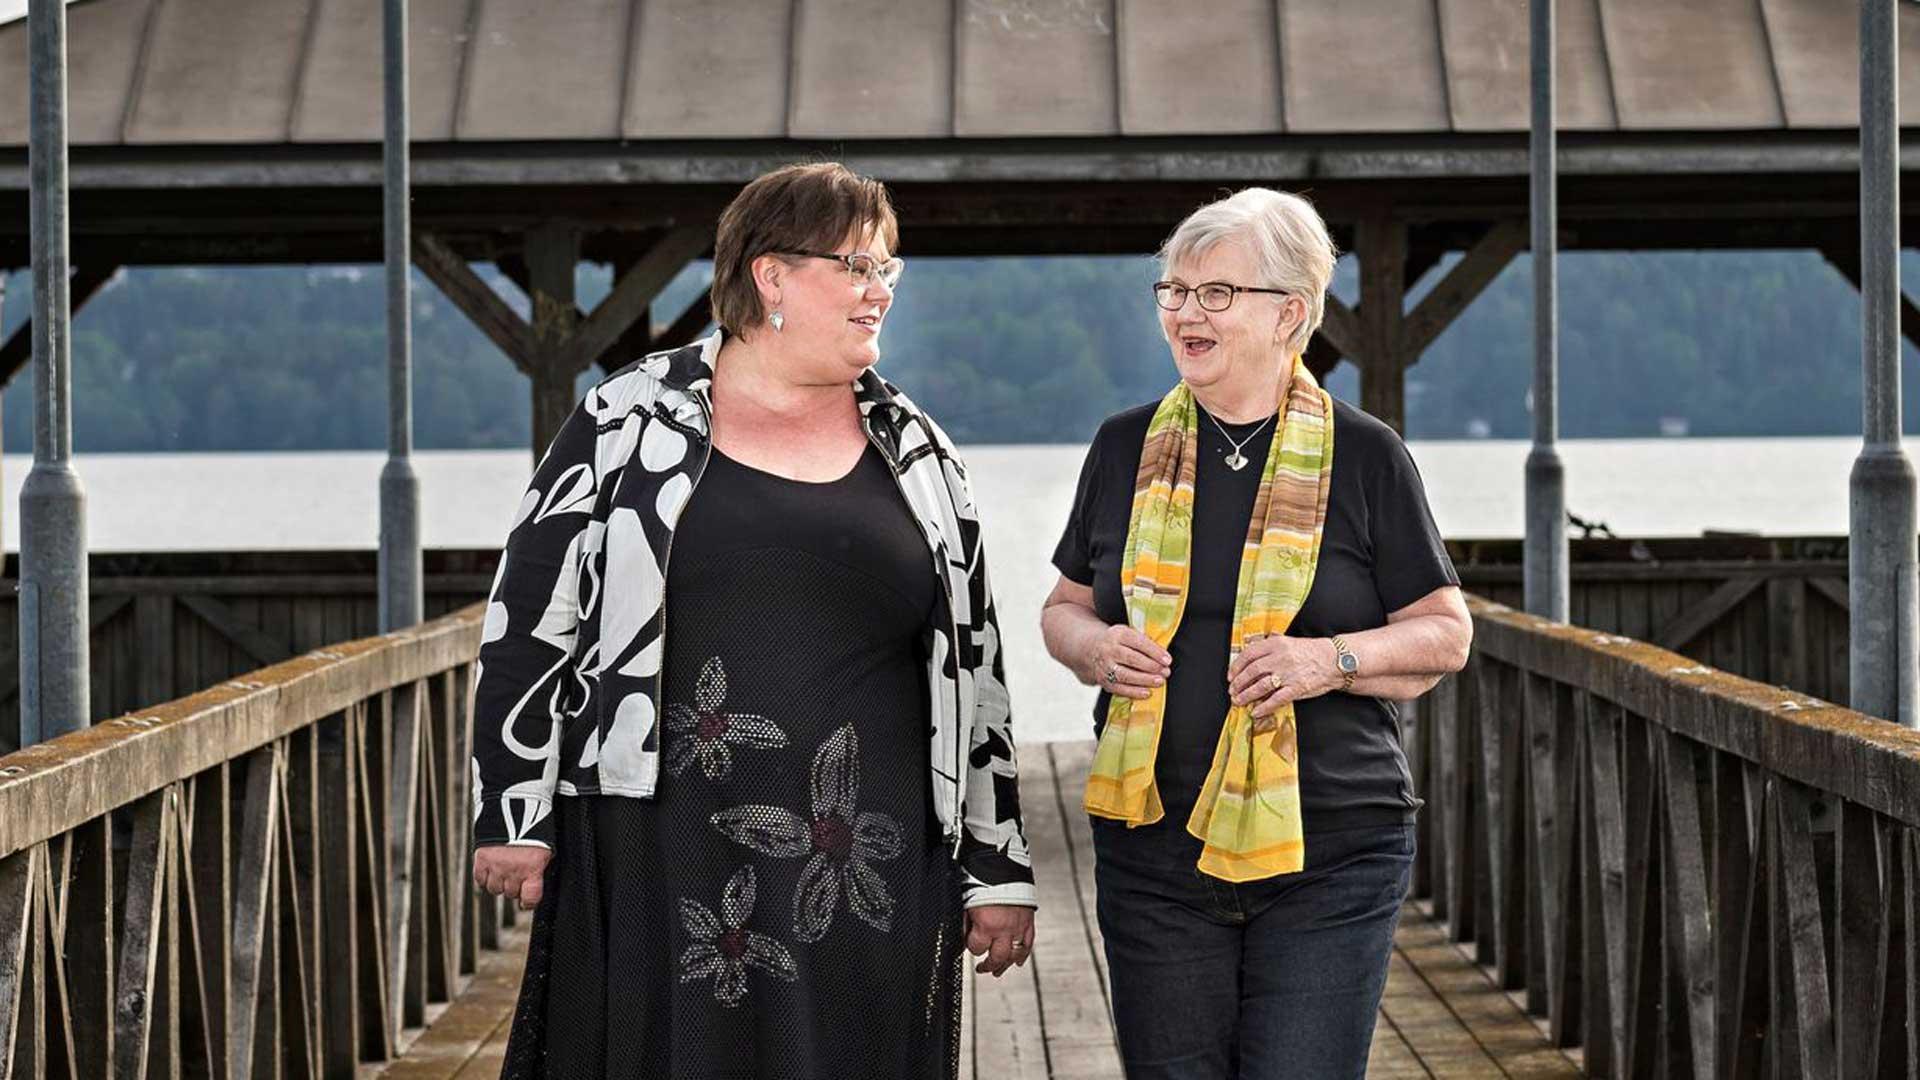 """Jaana ja Anja suosittelevat Alzheimerin tautiin sairastuneiden läheisille vertaistukea. """"Ei kannata jäädä asian kanssa yksin. Huonokuntoisetkin muistisairaat nauttivat ryhmäpäivistä ja virkistyvät."""""""